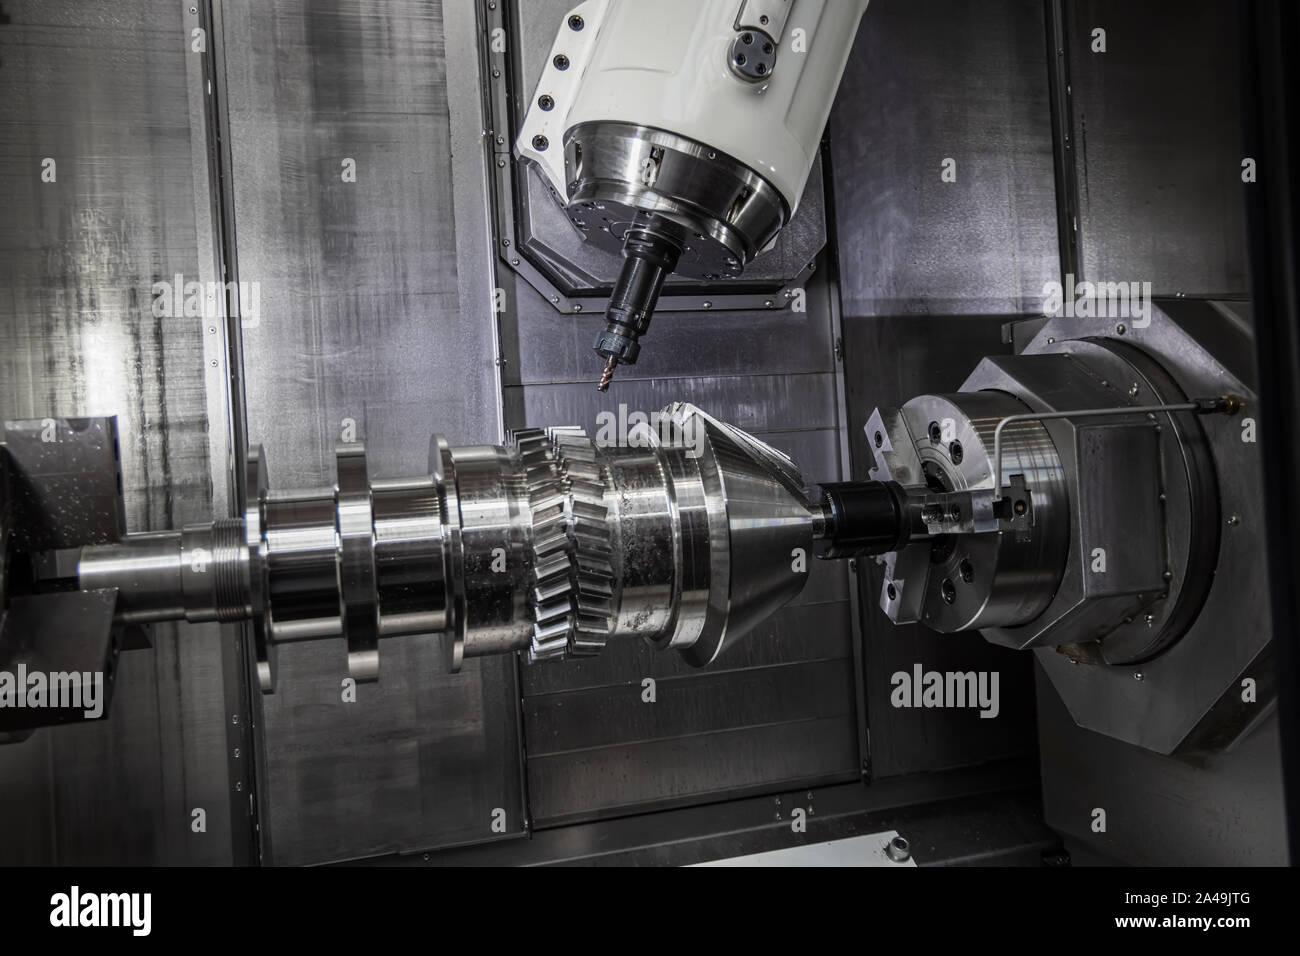 Metalmecánica tornos CNC fresadora. Cortar metal moderna tecnología de procesamiento. La molienda es el proceso de mecanizado utilizando cortadoras giratorias para eliminar Foto de stock